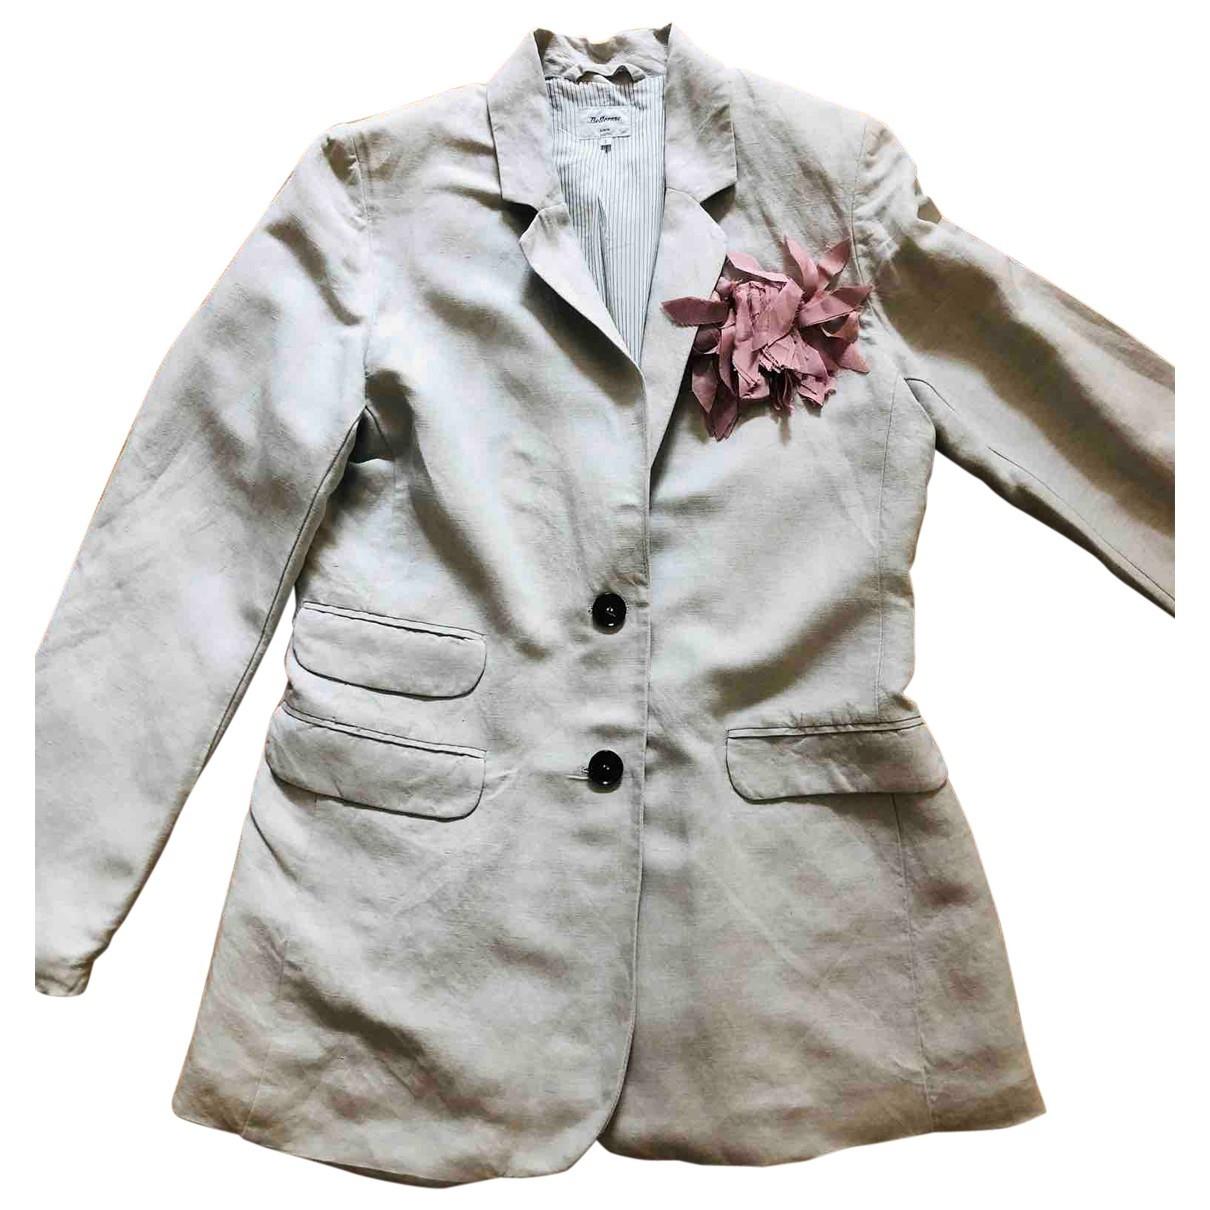 Bellerose \N Beige Linen jacket for Women 2 0-5